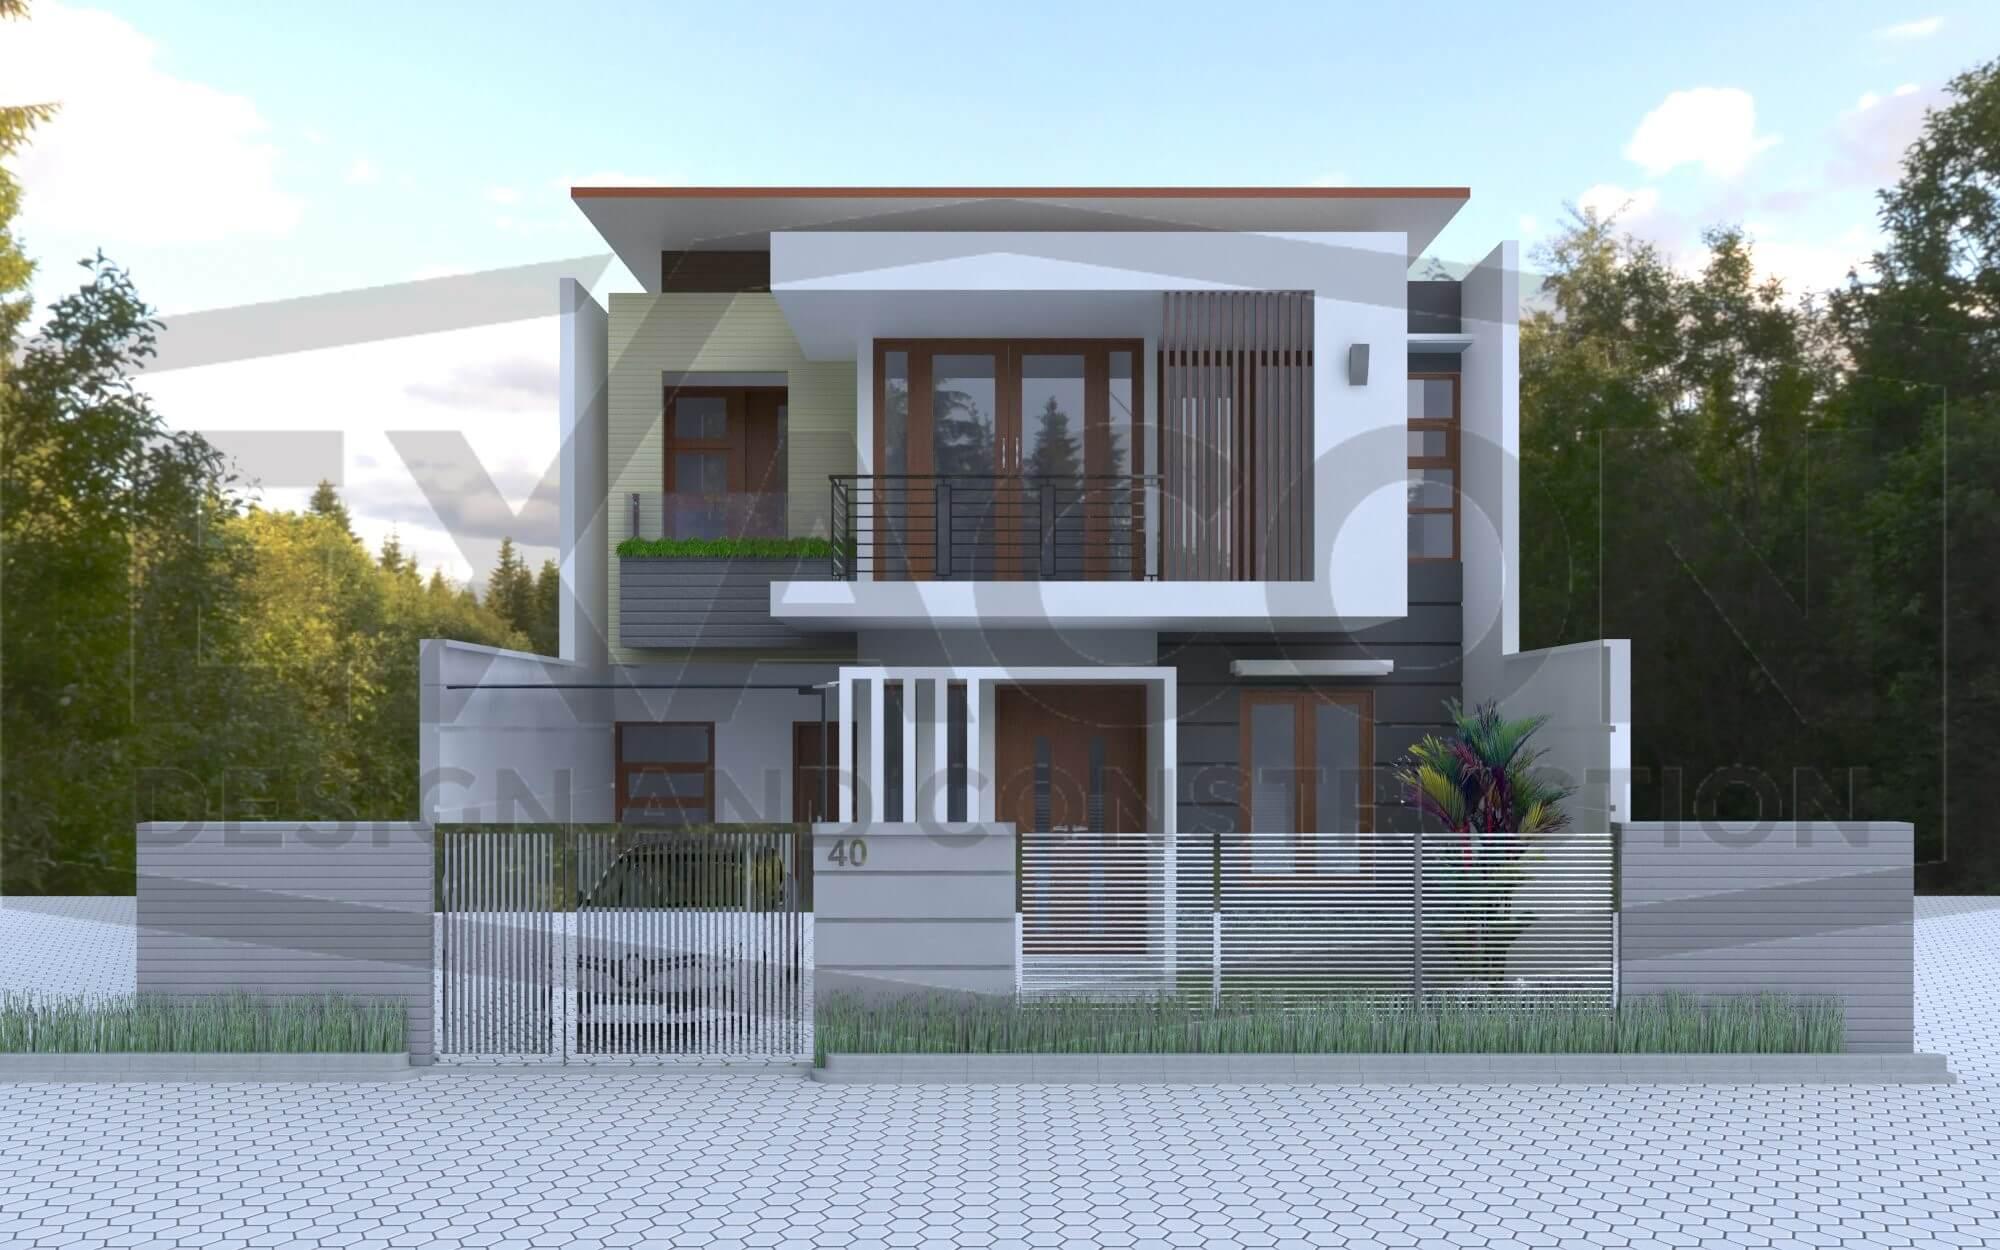 Proyek Desain Rumah 2 Lantai Minimalis Modern Bapak Tri - Jakarta Selatan